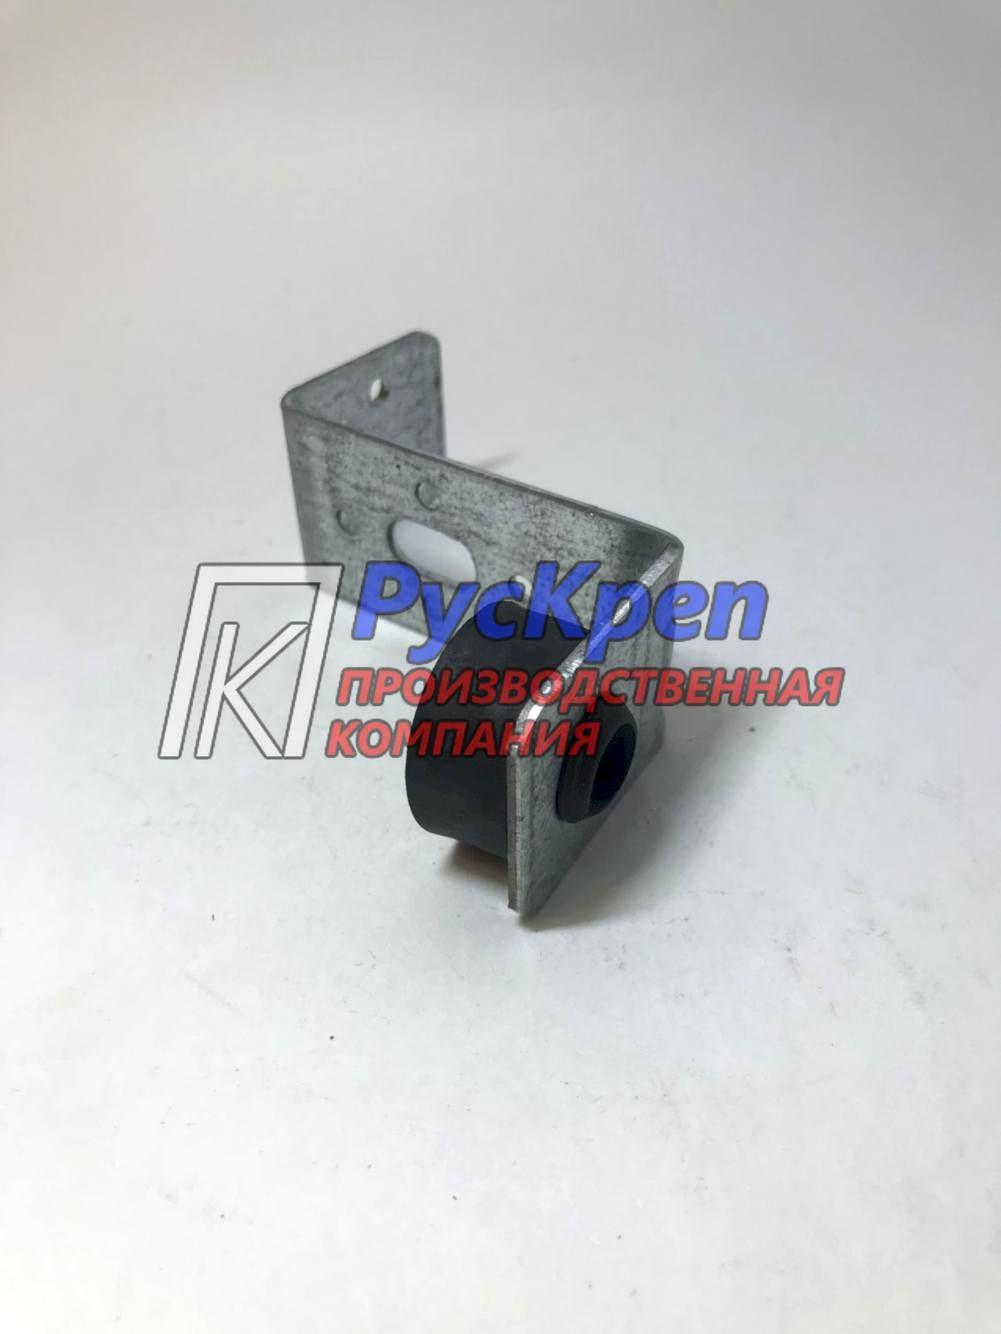 Кронштейн сложный L- образный крепёж м8 \м10 с виброгасителем | Производство трубных хомутов